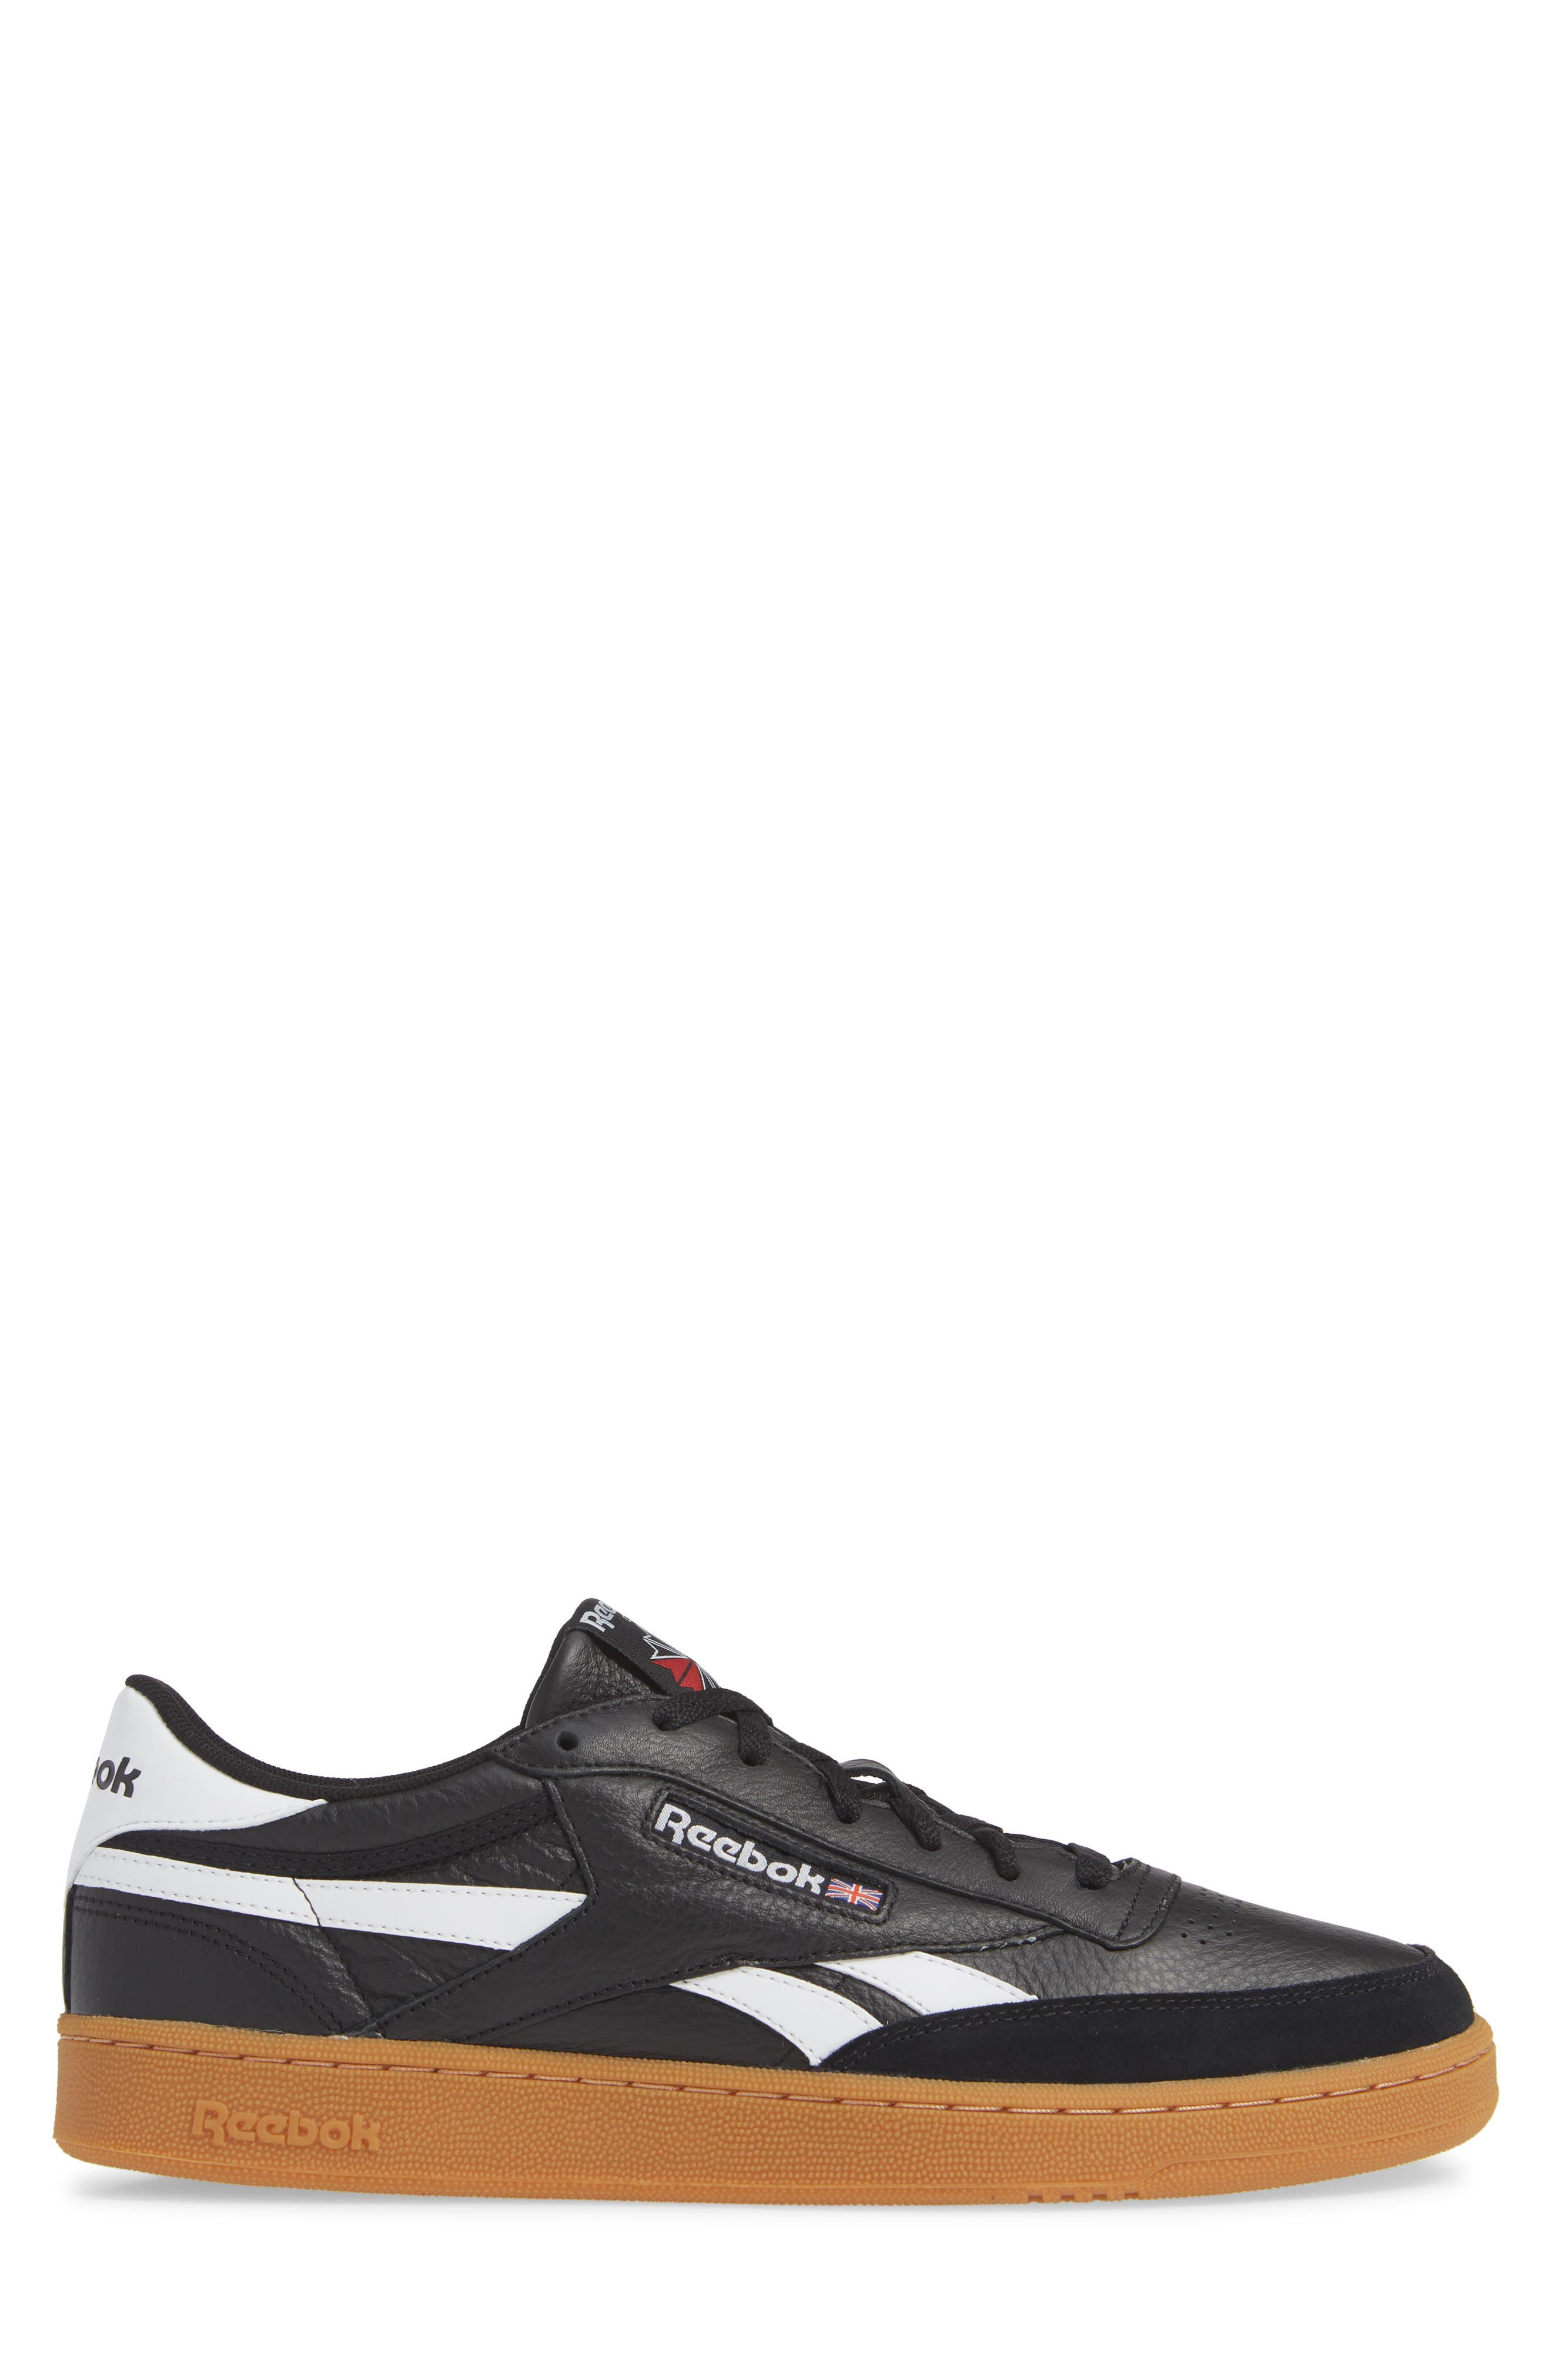 Revenge Plus Sneaker,                             Alternate thumbnail 3, color,                             BLACK/ WHITE/ GUM